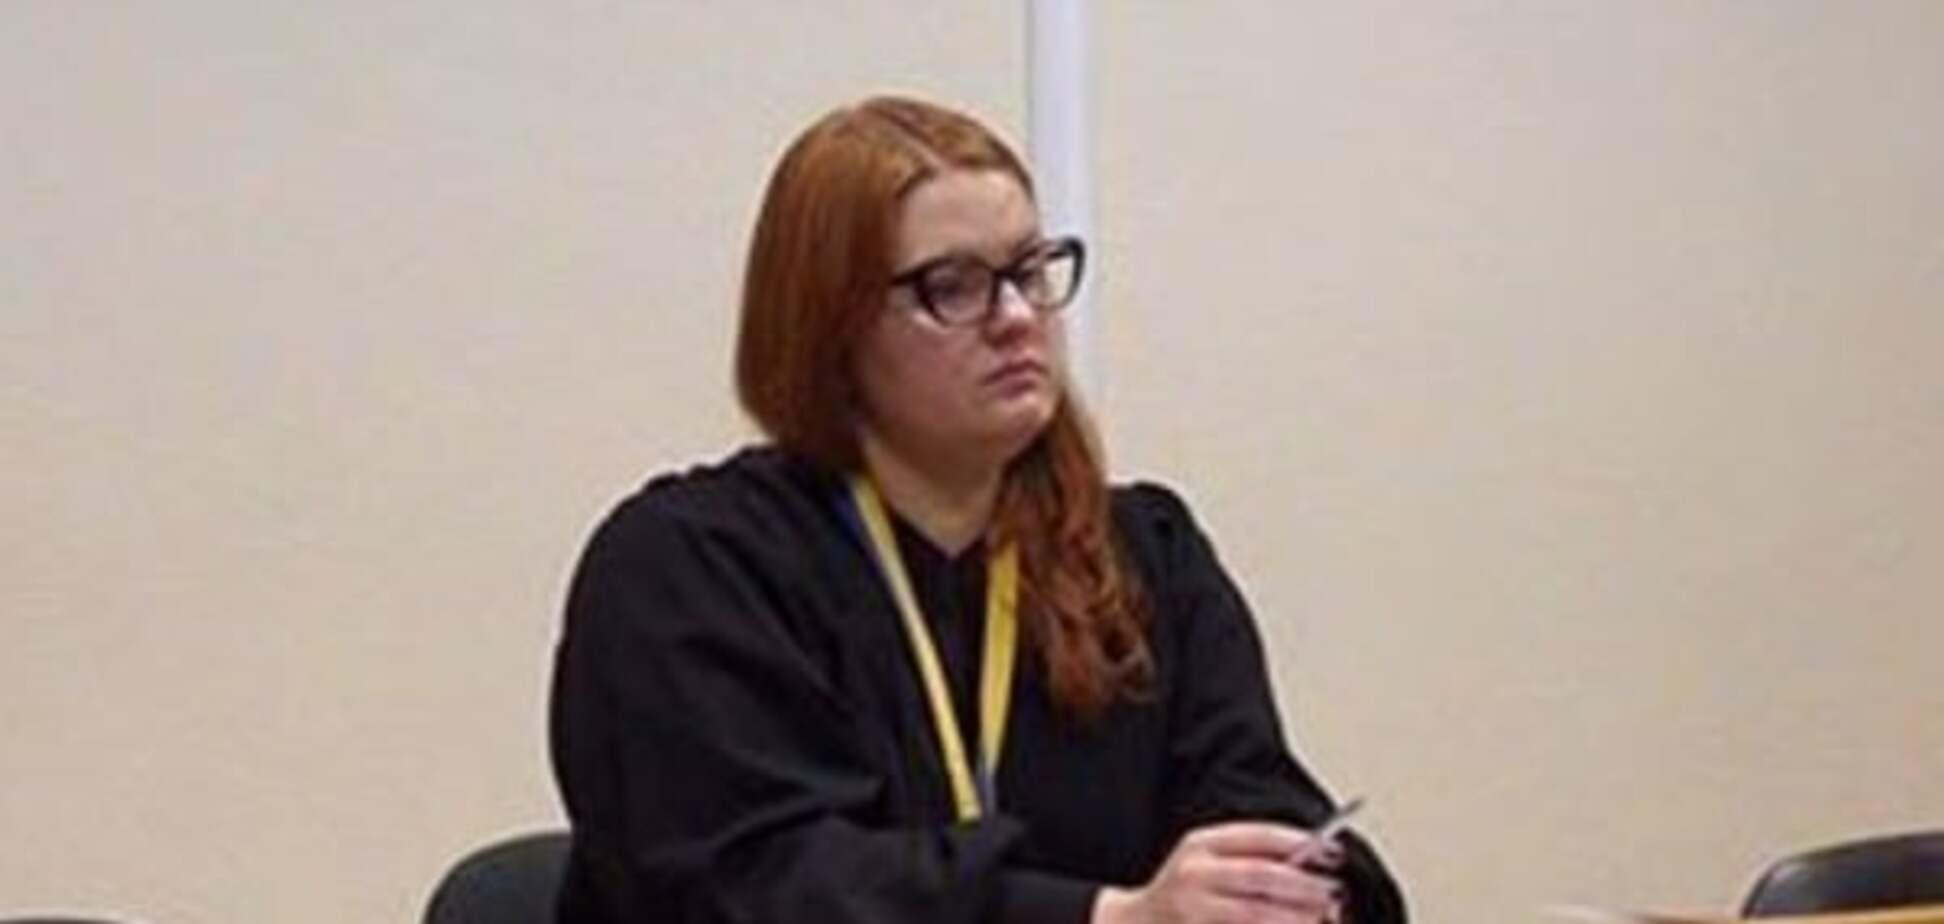 Обвинуваченого у вбивстві пасажира BMW патрульного судить суддя із 'ЛНР' - журналіст